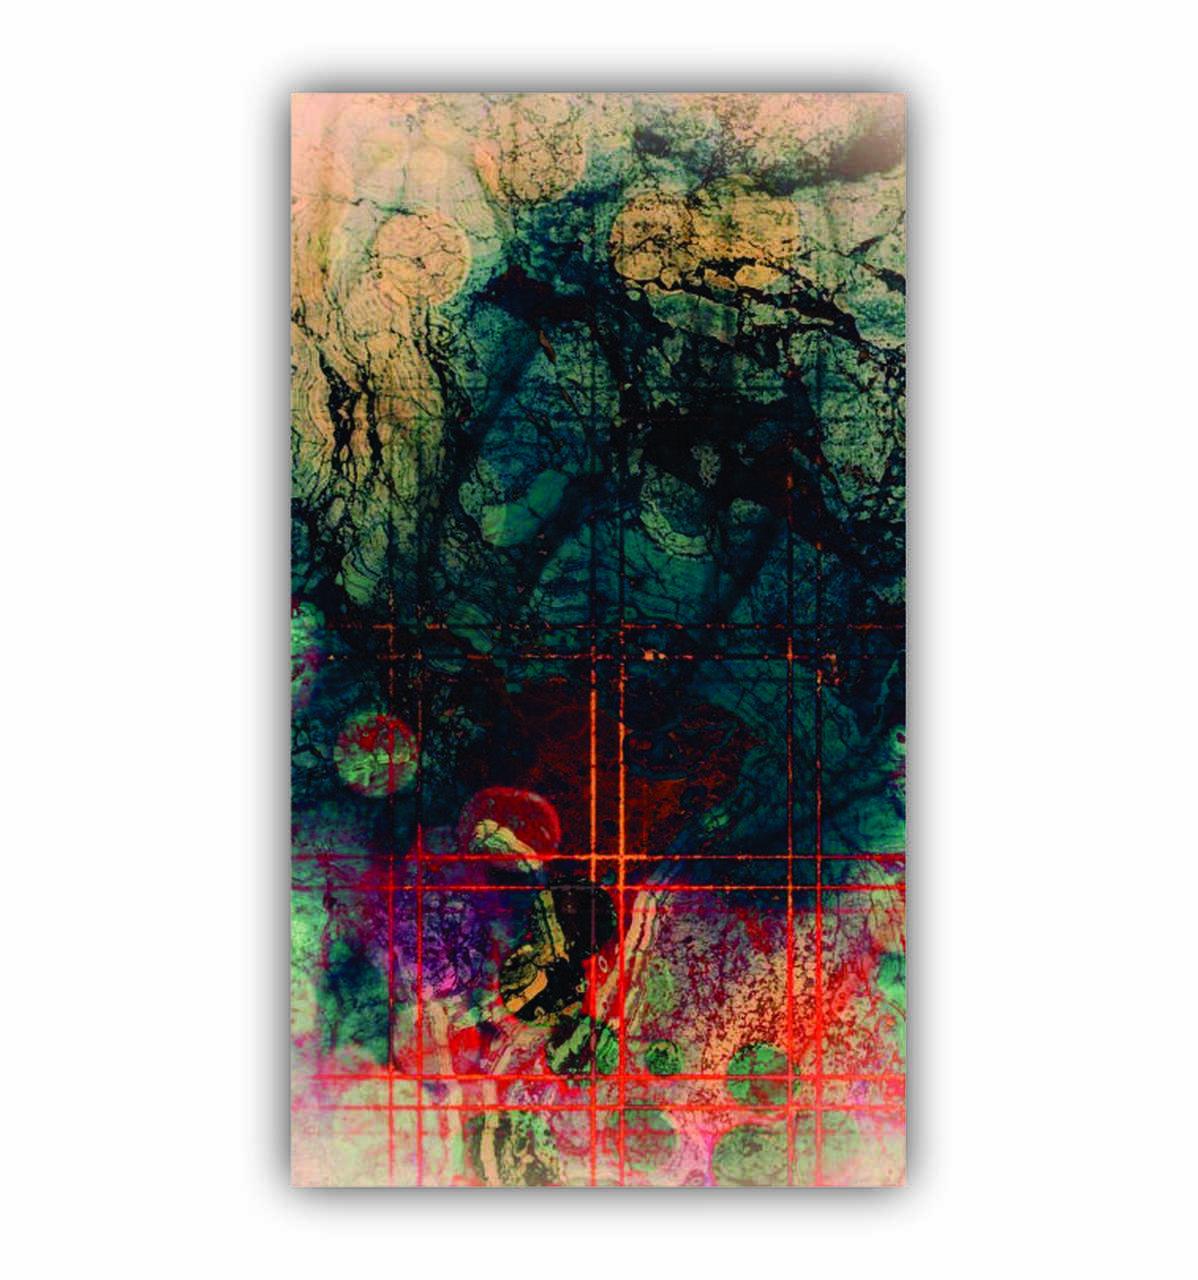 Quadro Abstrato Luxo Impacto Total Moderno Futurístico - Tela Única